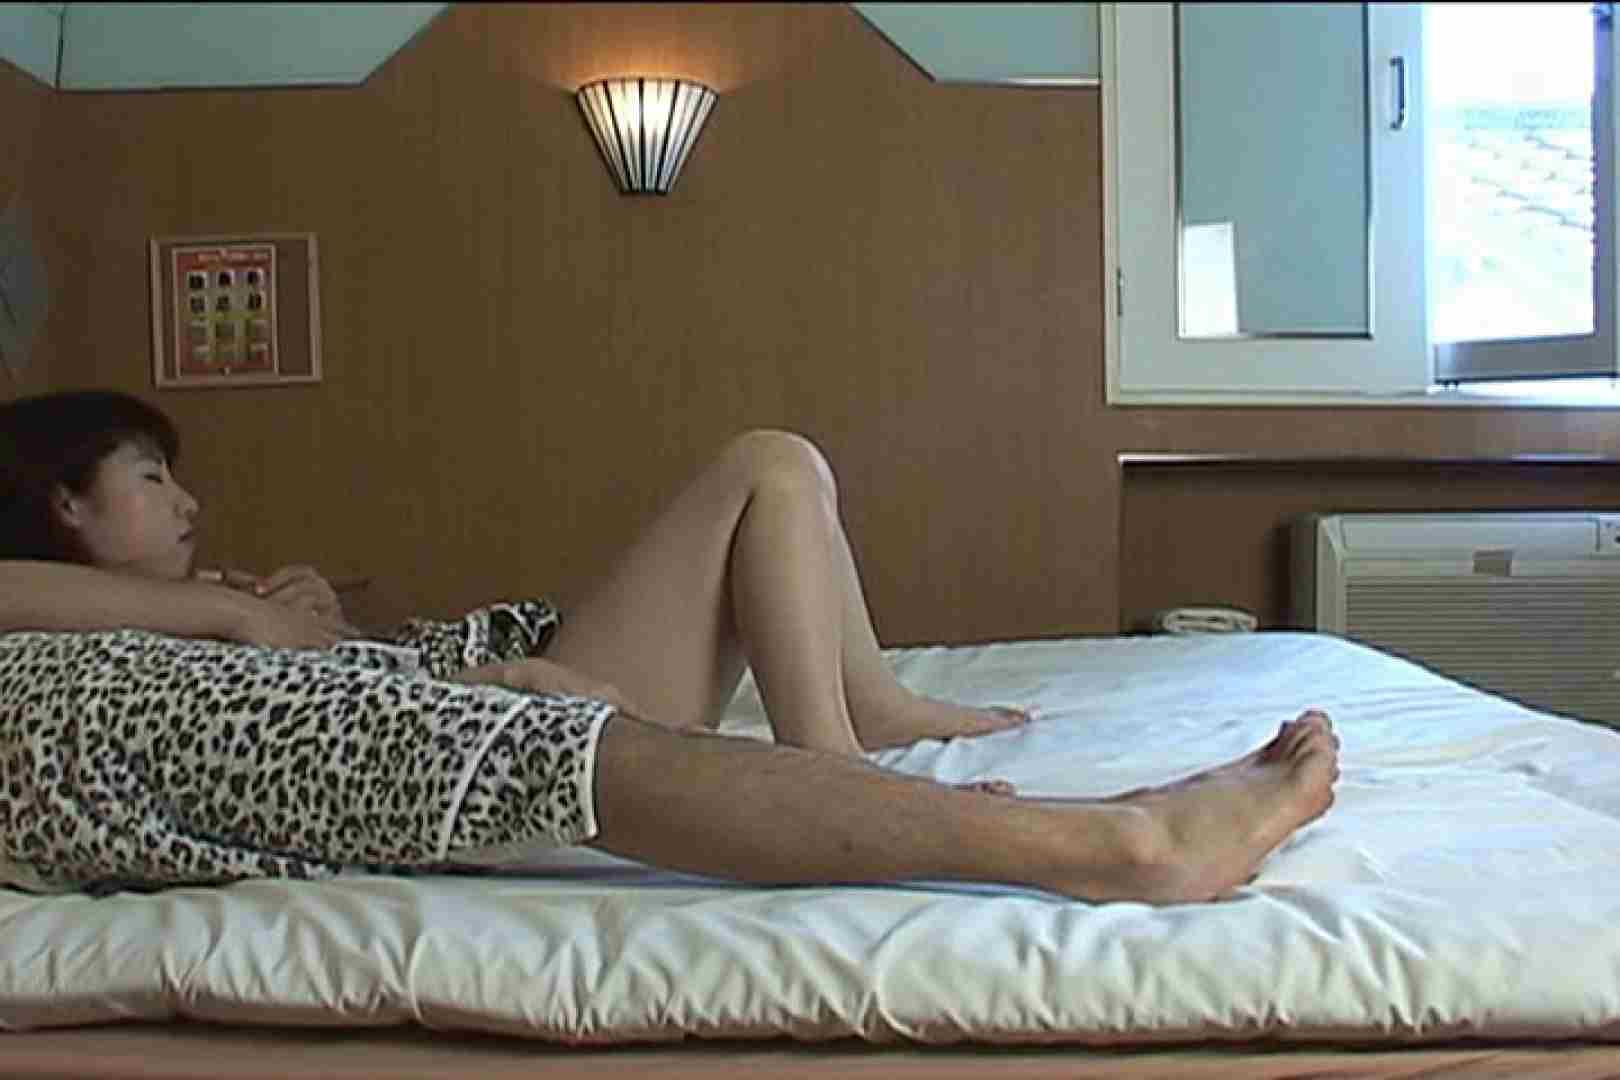 さすらいデリバリーVol.5 美しいOLの裸体 | マンコ・ムレムレ  87pic 13